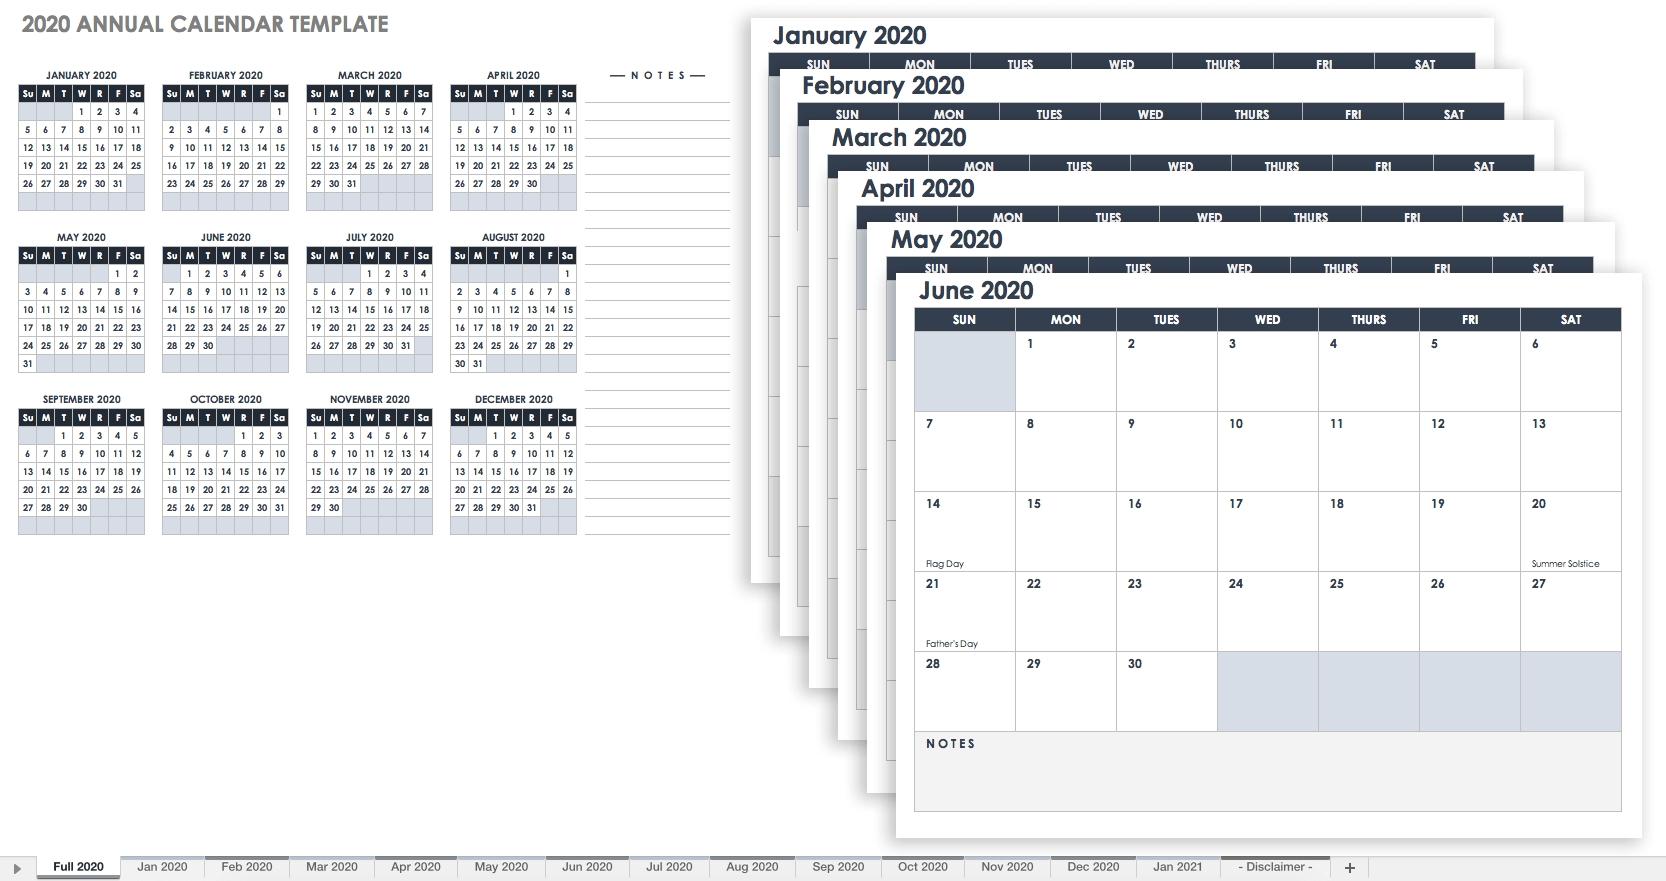 Free, Printable Excel Calendar Templates For 2019 & On | Smartsheet in 2020 Calendar With Week Numbers In Excel